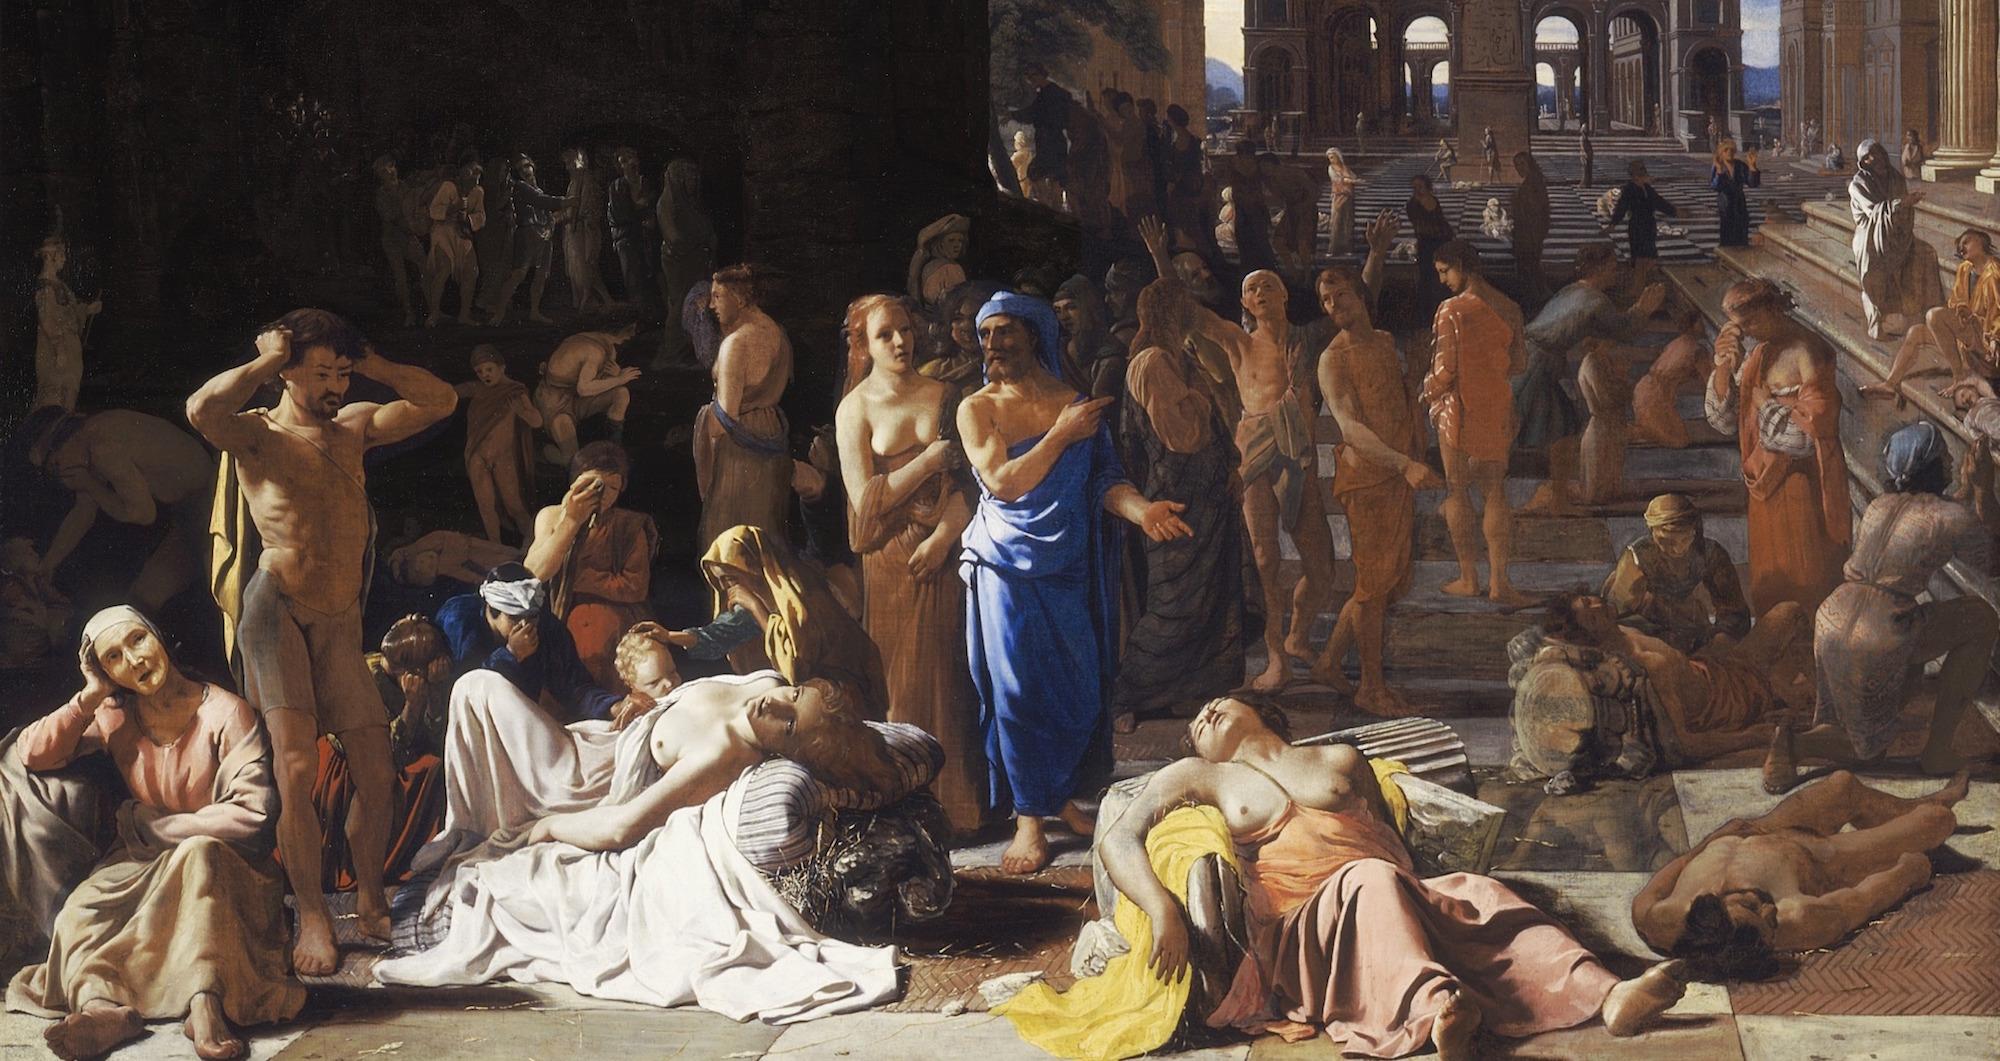 Plaga Atenas Epidemia Antiguedad, Ilustración